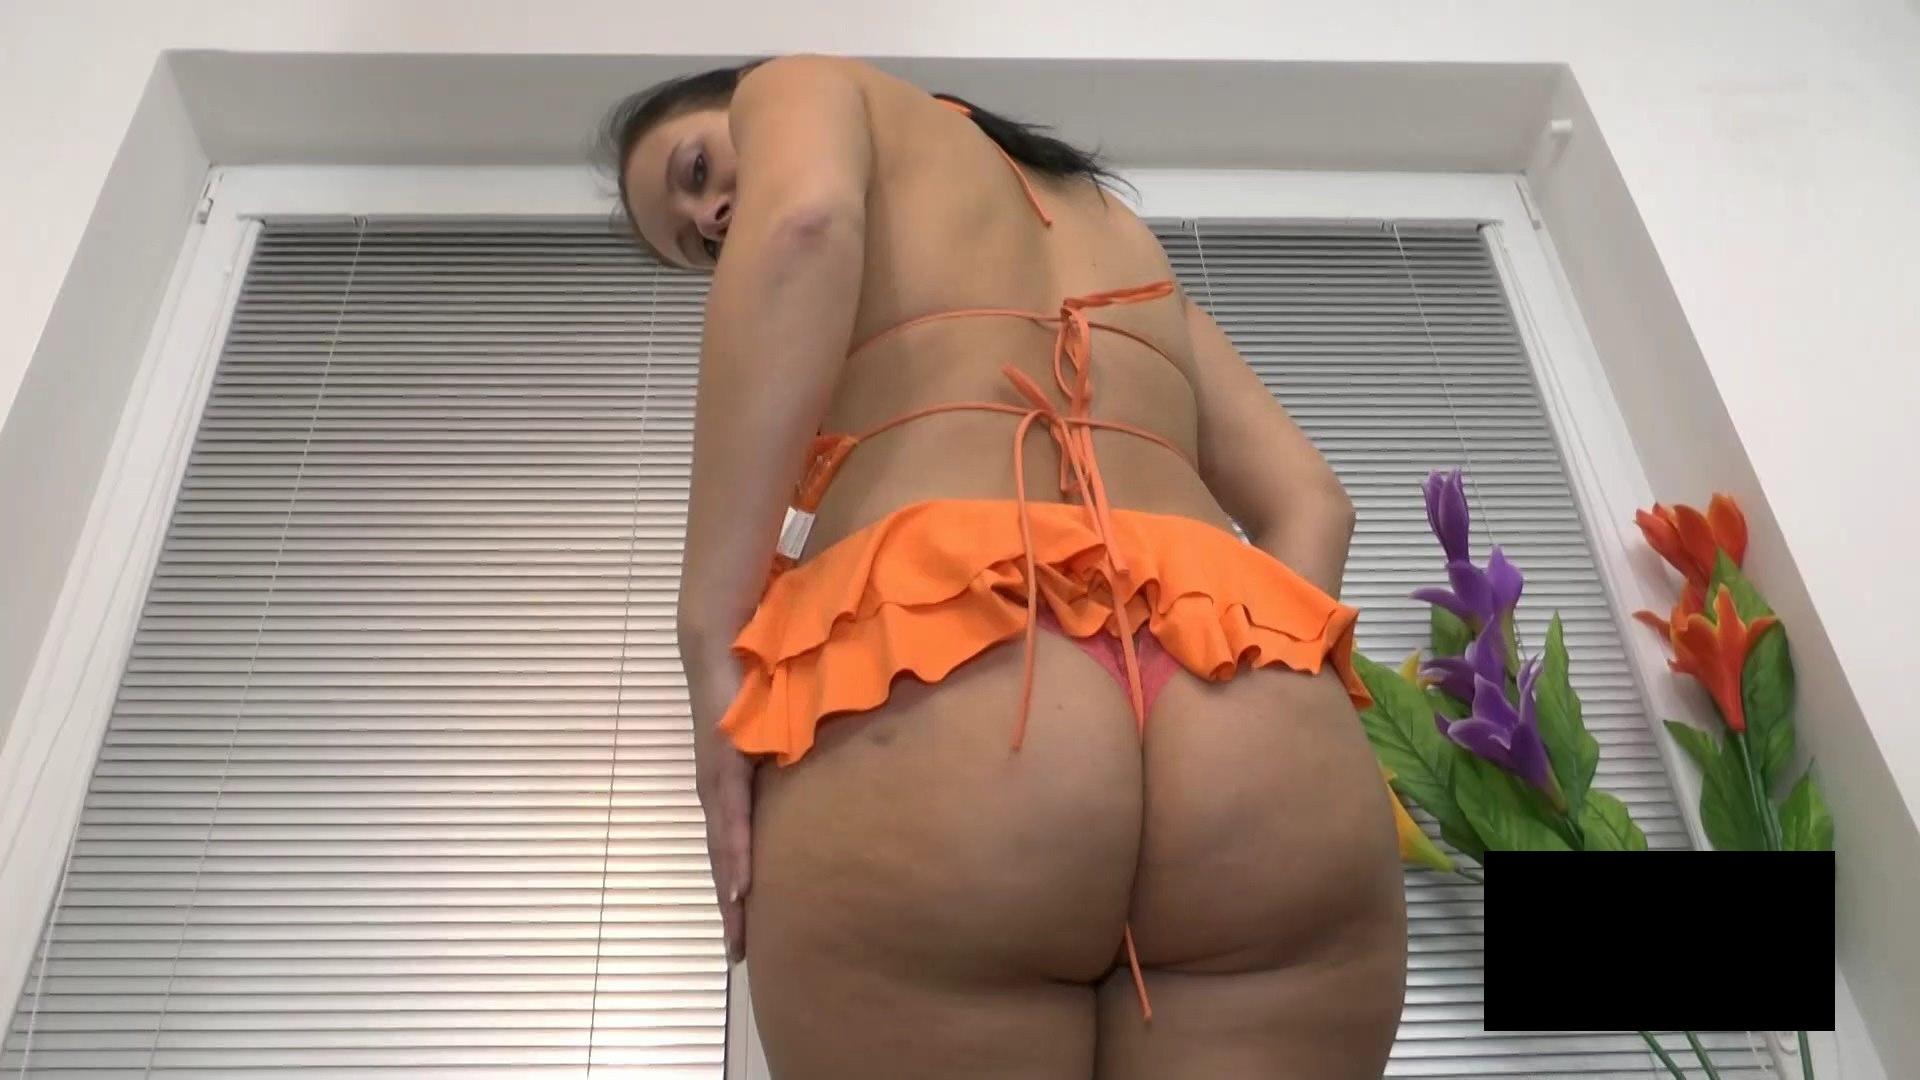 脂肪たっぷりの東欧熟女の脱衣ヌード画像貼ってくwwwwwwwww Ti8OkHM